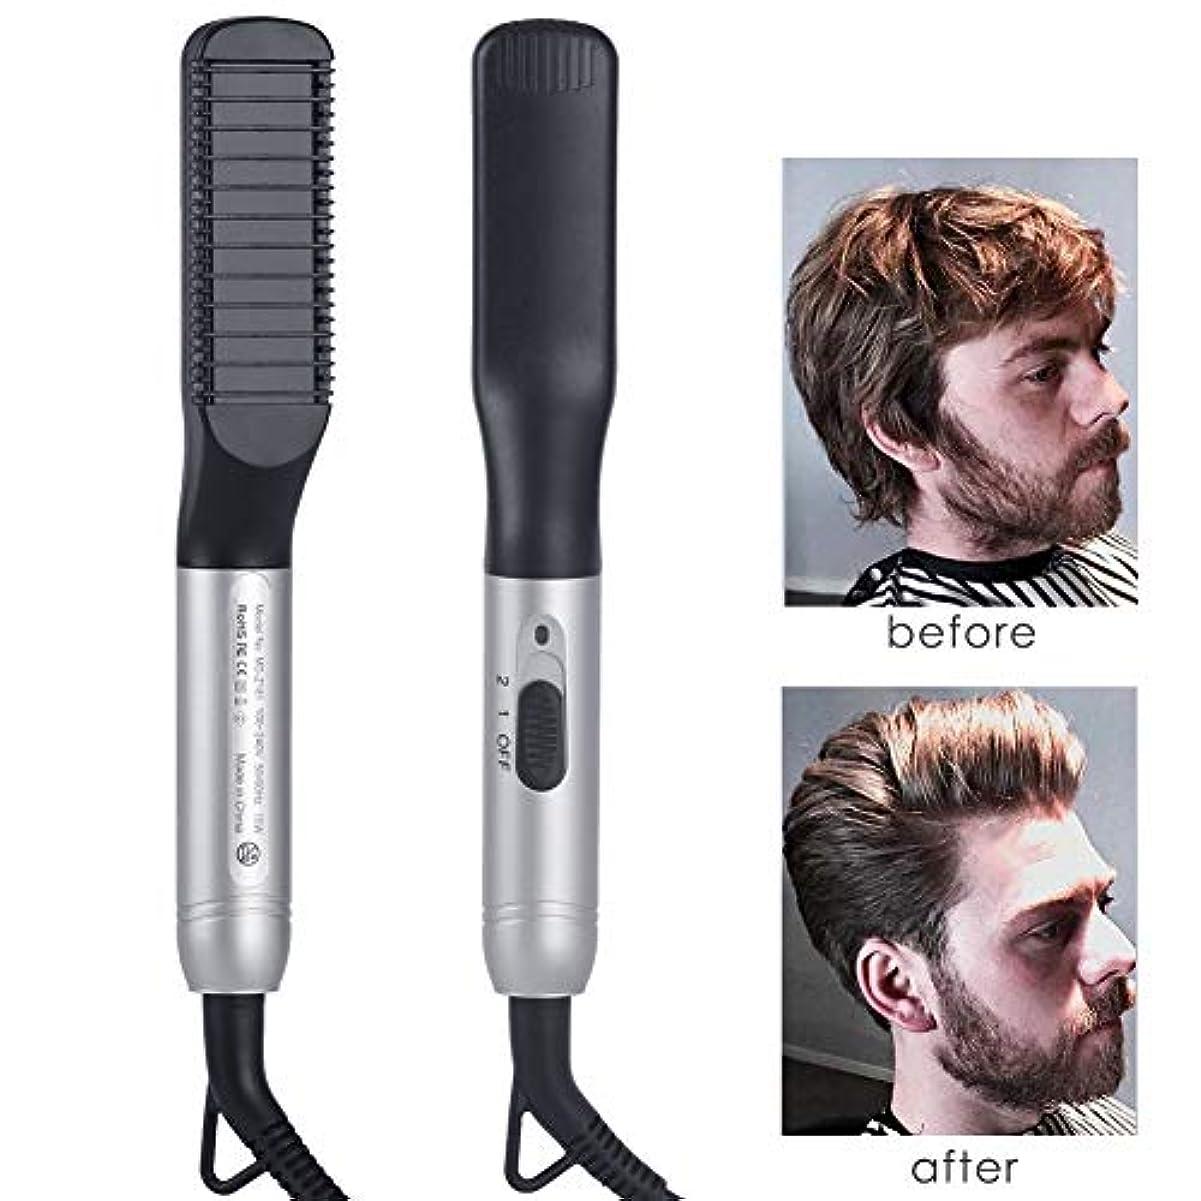 戦士解釈するプラットフォームひげ矯正ヘアブラシ、男性用電気女性ショートヘア矯正コーム、デュアルクイックヒーティングアンチスケーリング